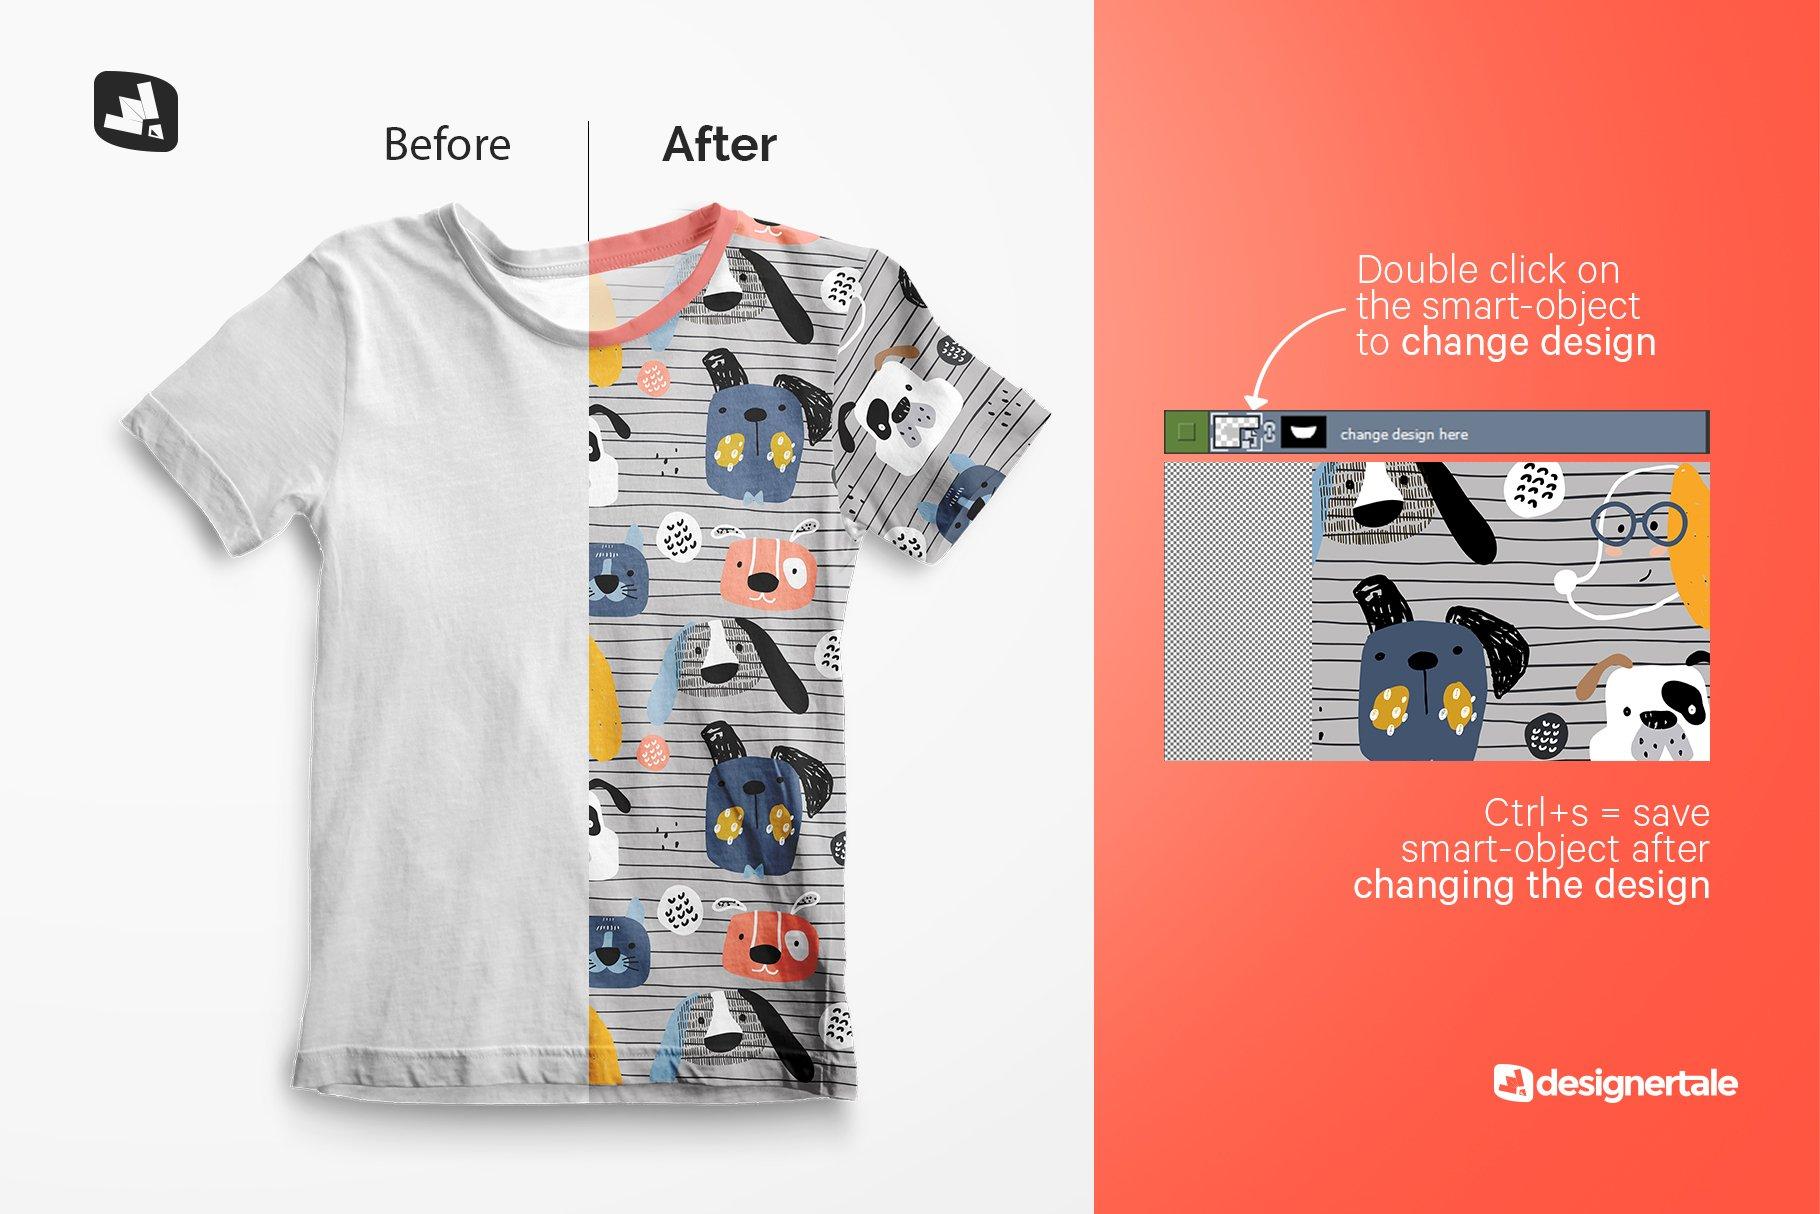 顶视图男孩夏季半袖T恤衫样机模板 Top view Boy's Summer Tshirt Mockup插图(1)